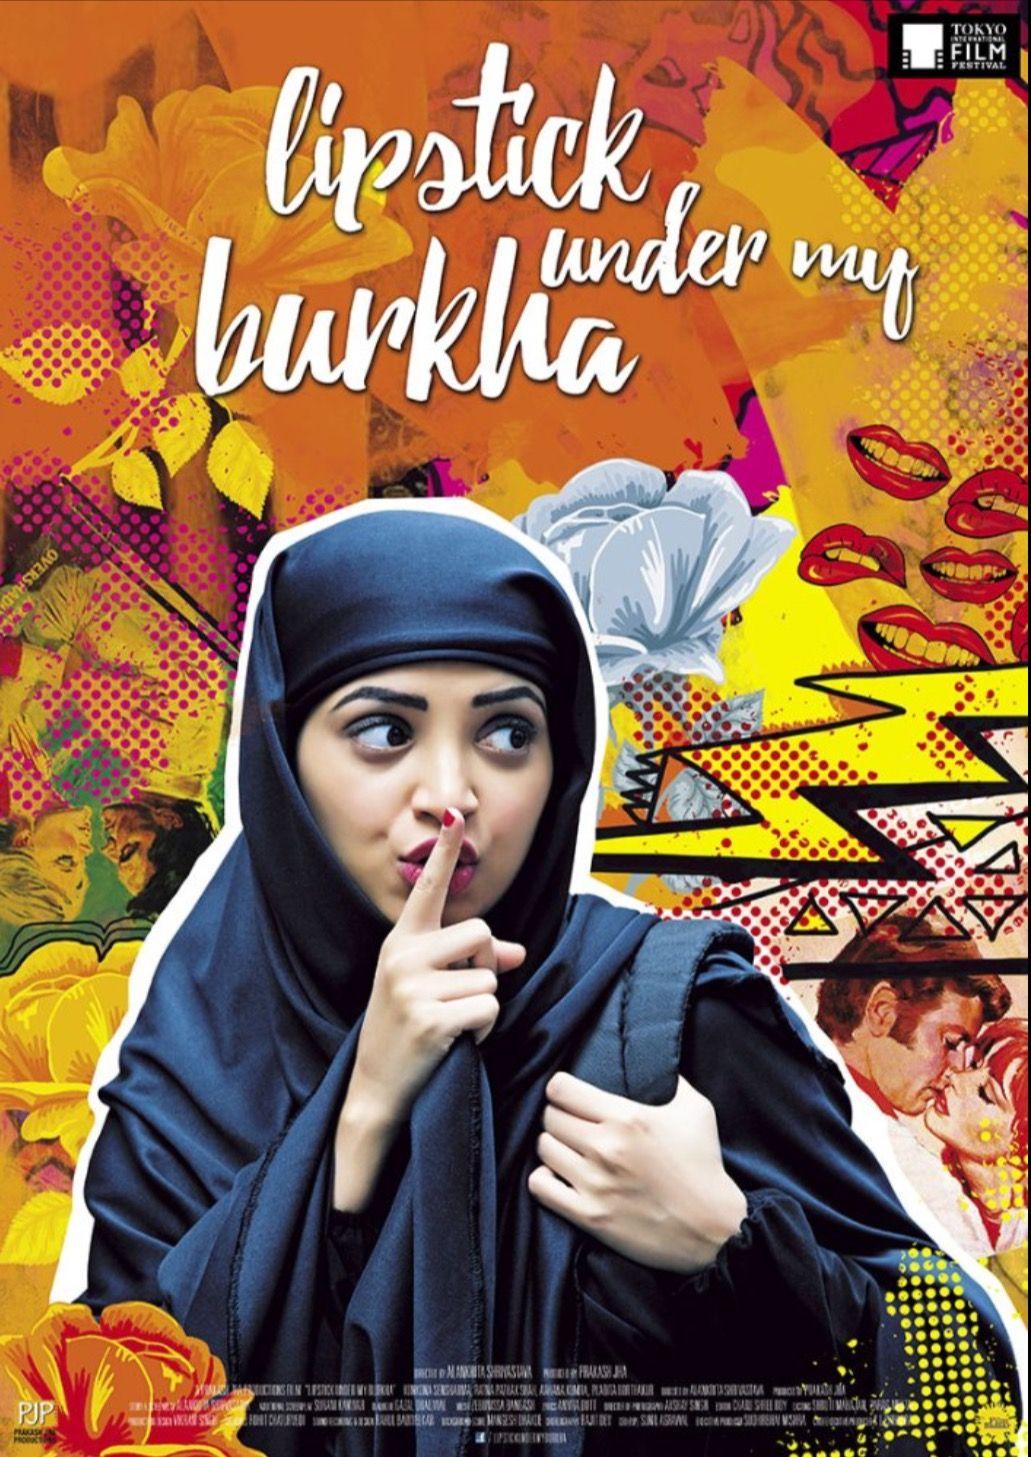 dagdi chawl marathi movie download utorrent link